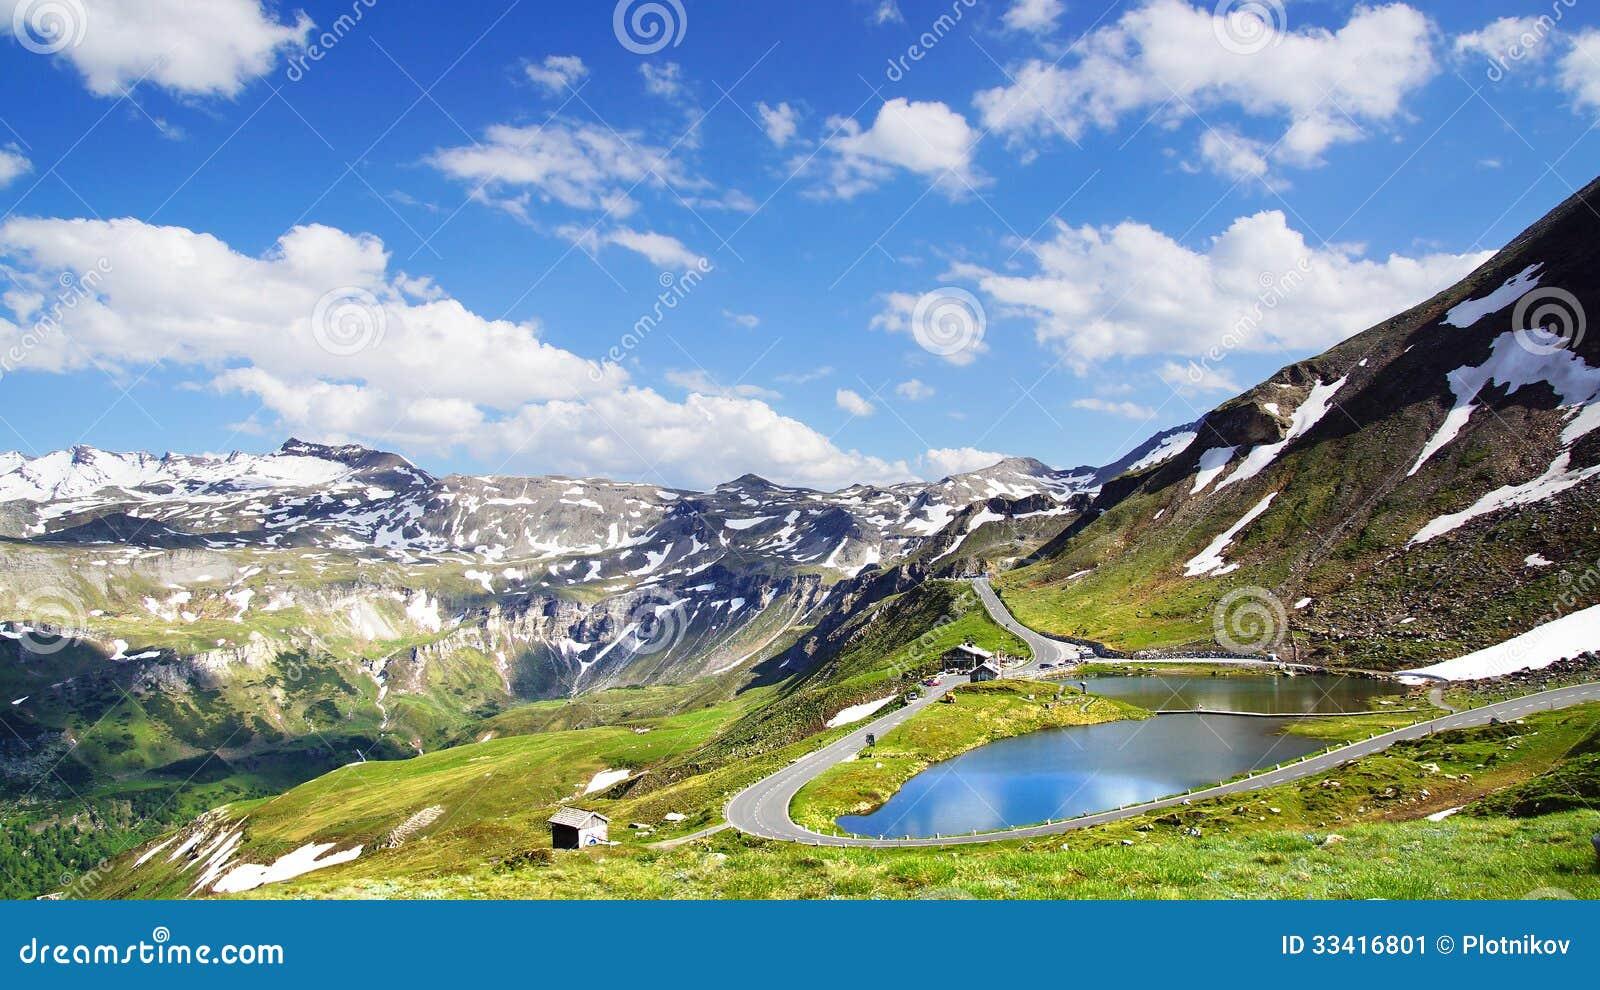 Haute route alpine de grossglockner autriche image stock for Haute route des alpes